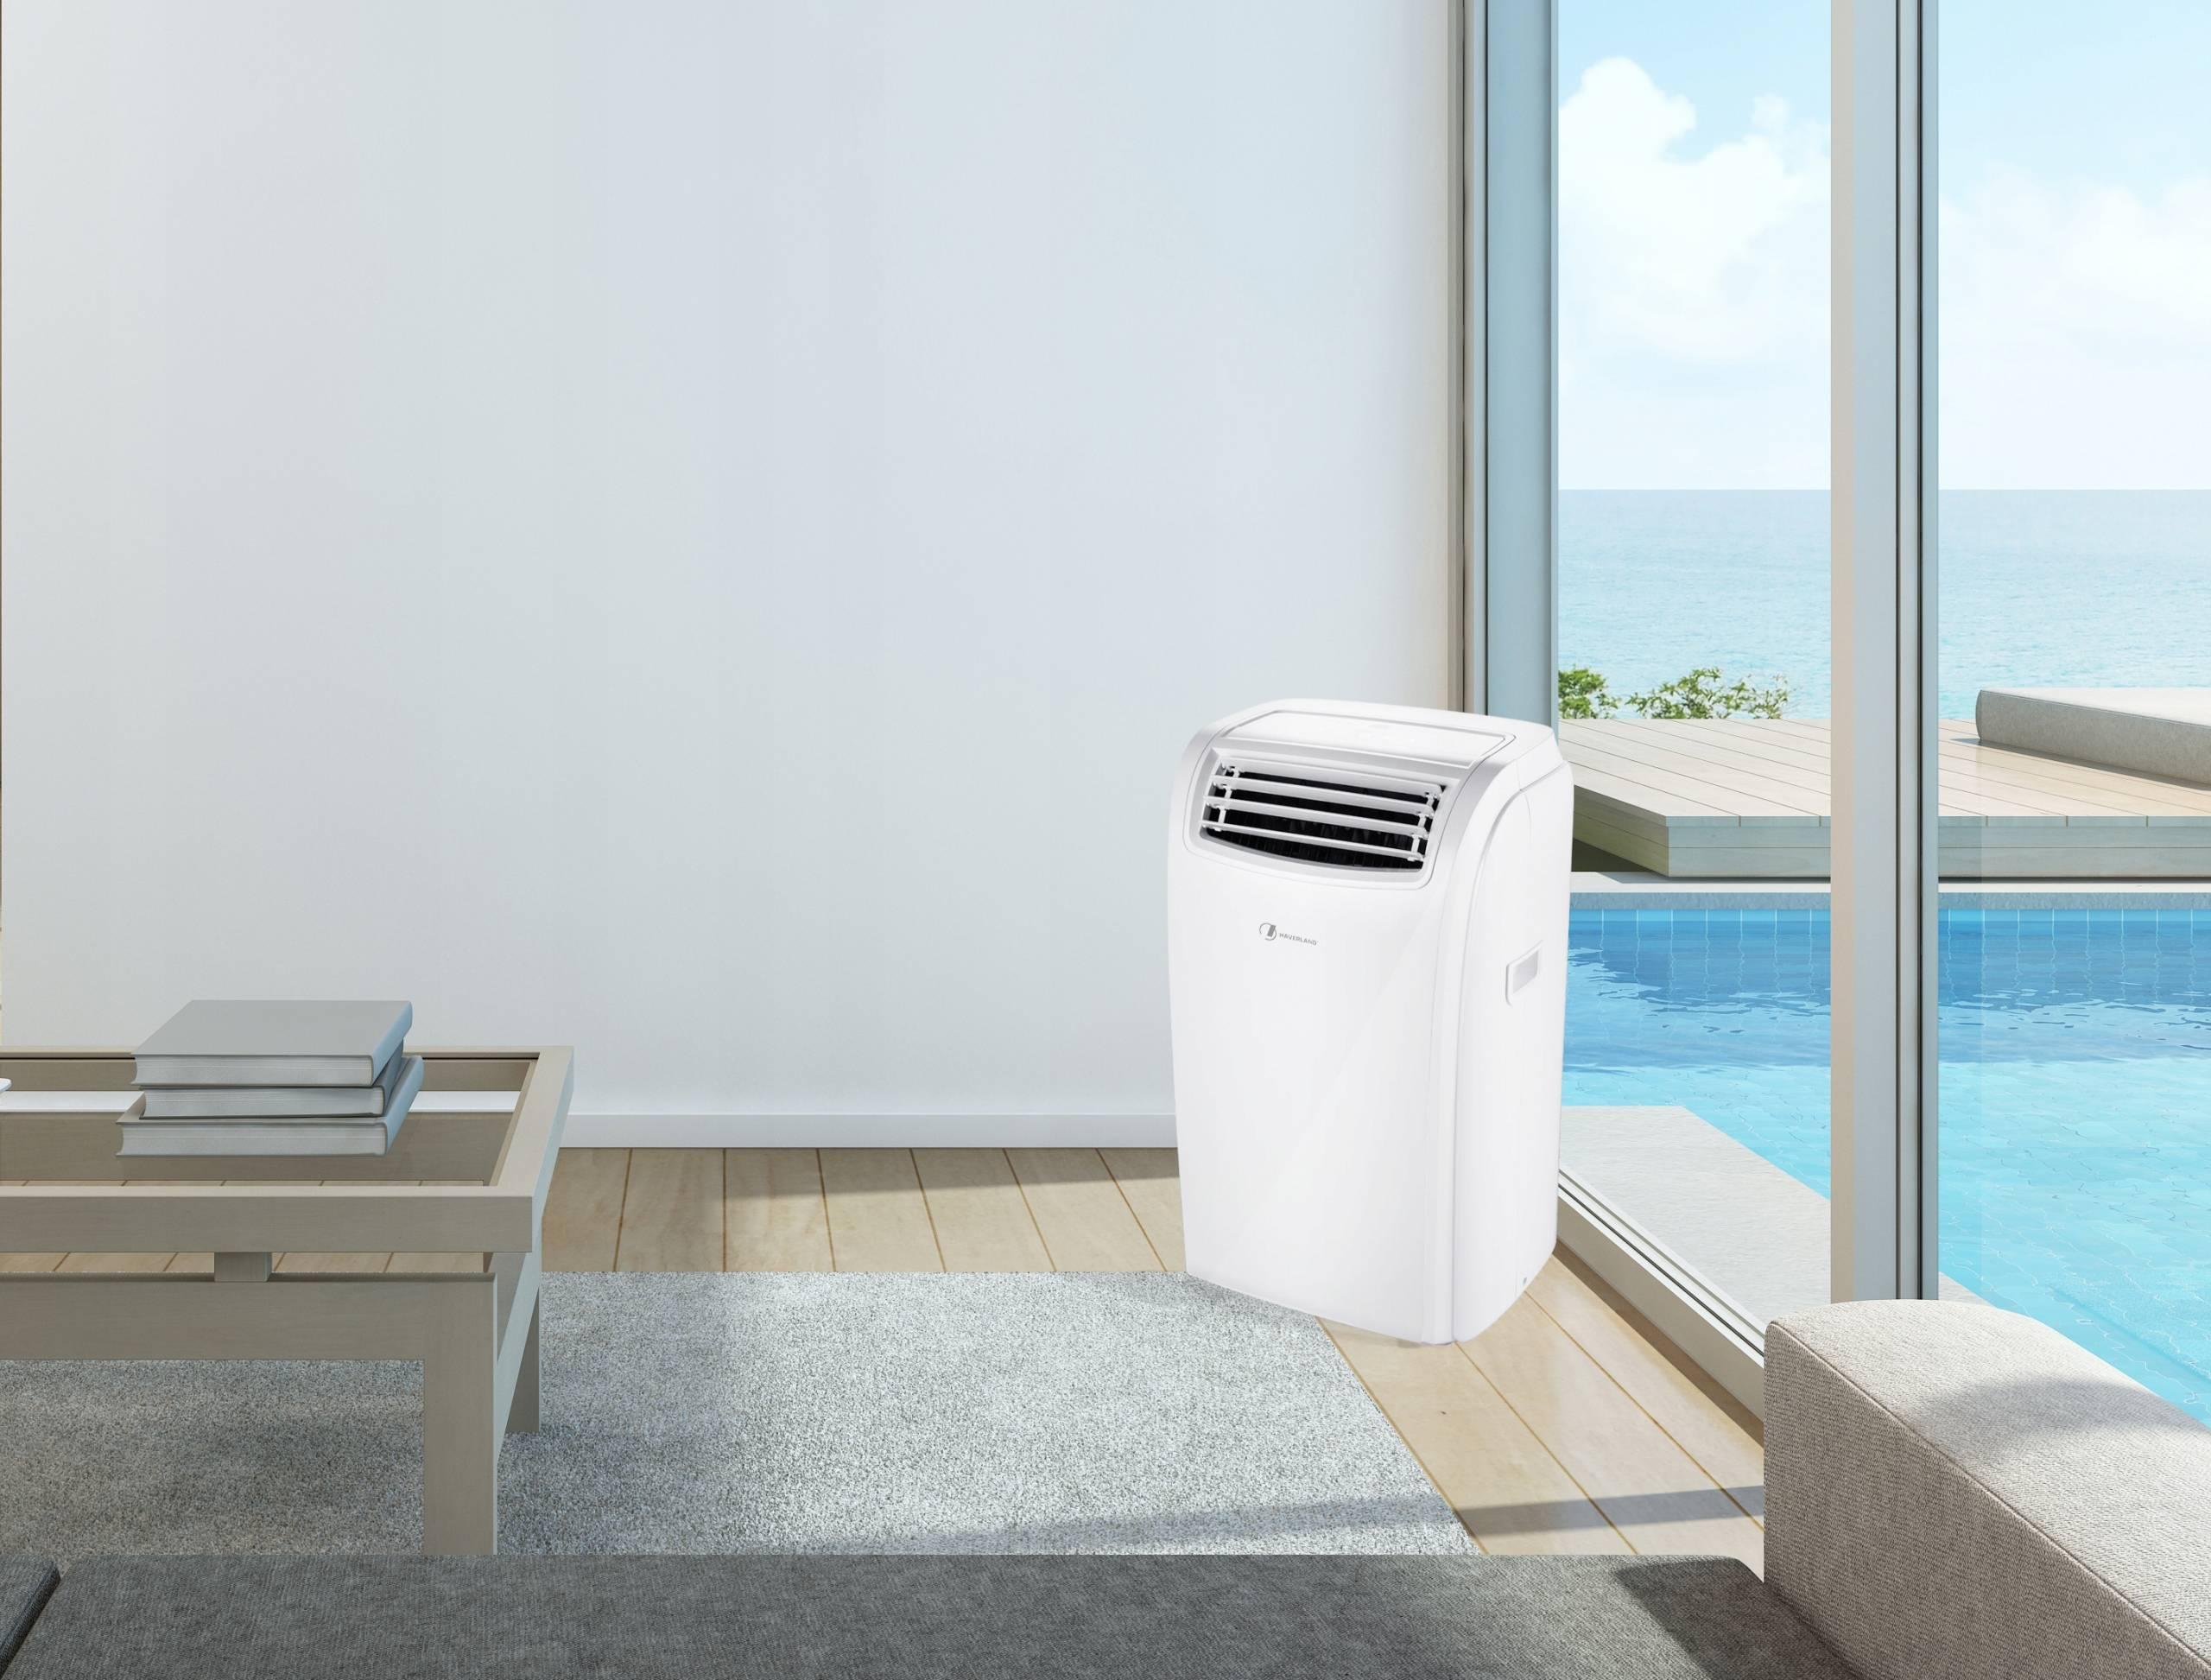 Напольный кондиционер для дома без воздуховода: выбор, установка, плюсы и минусы